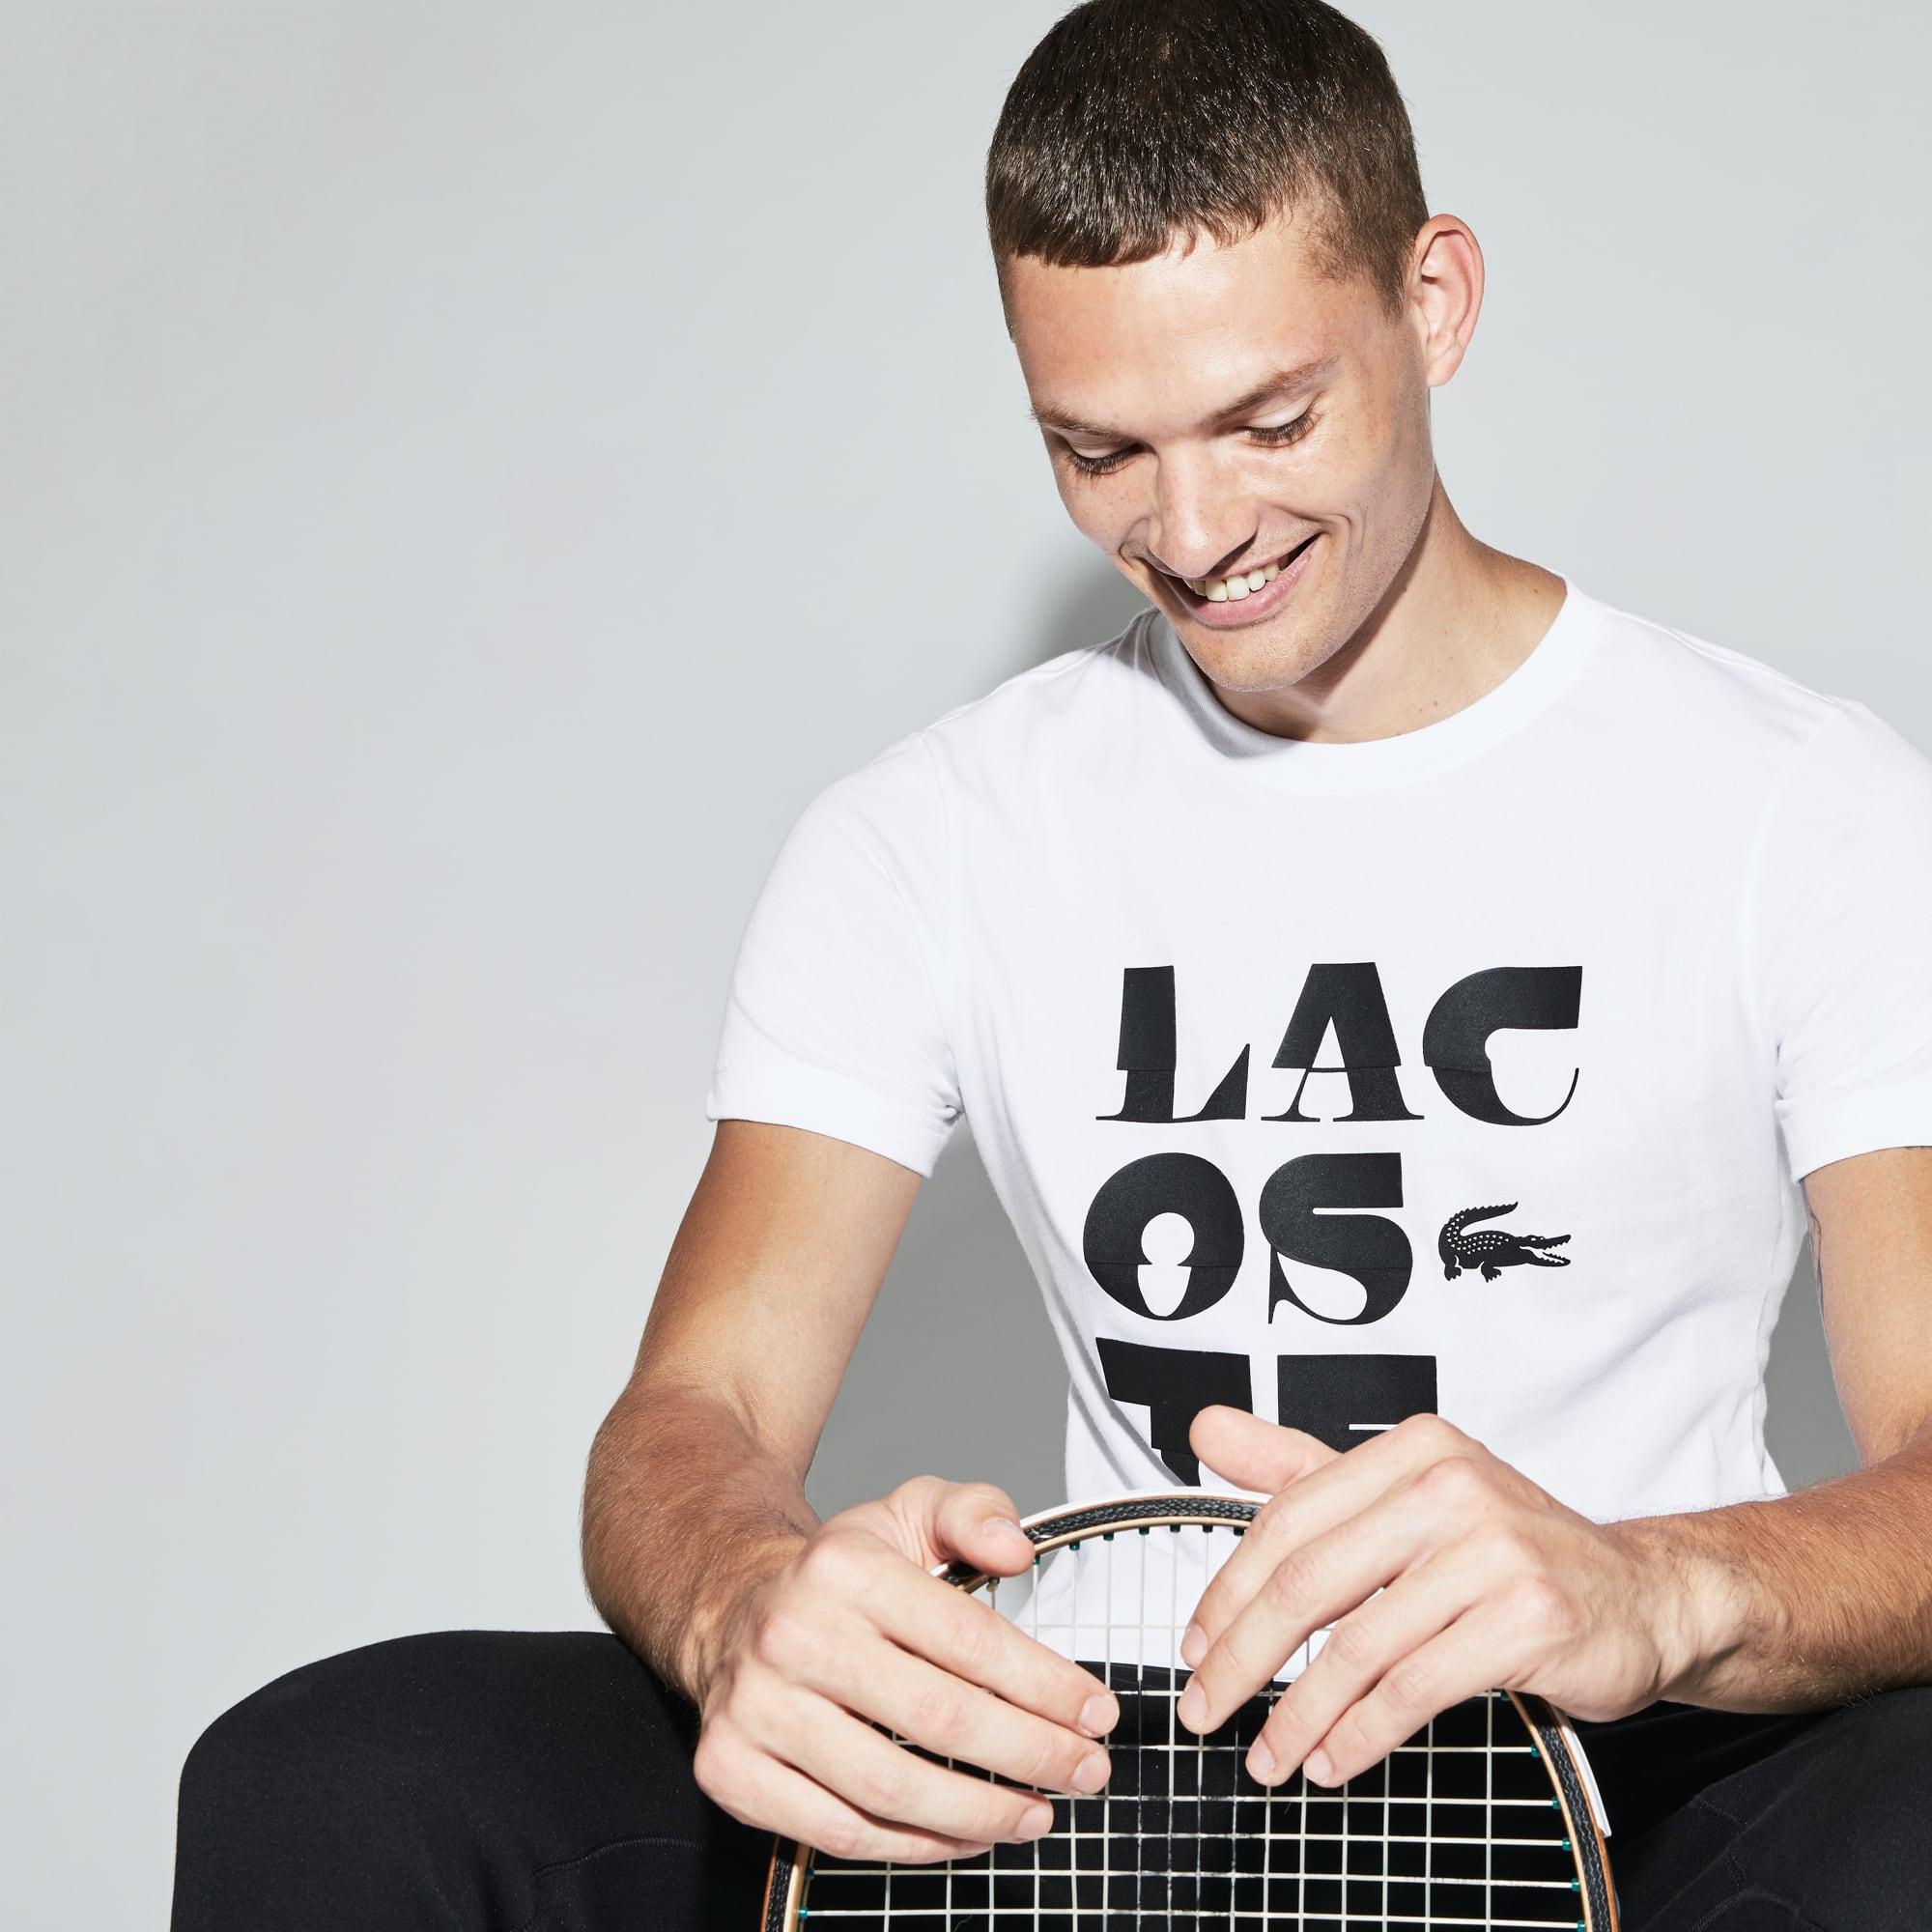 Lacoste - Herren LACOSTE SPORT Rundhals Tennis T-Shirt aus Jersey - 1